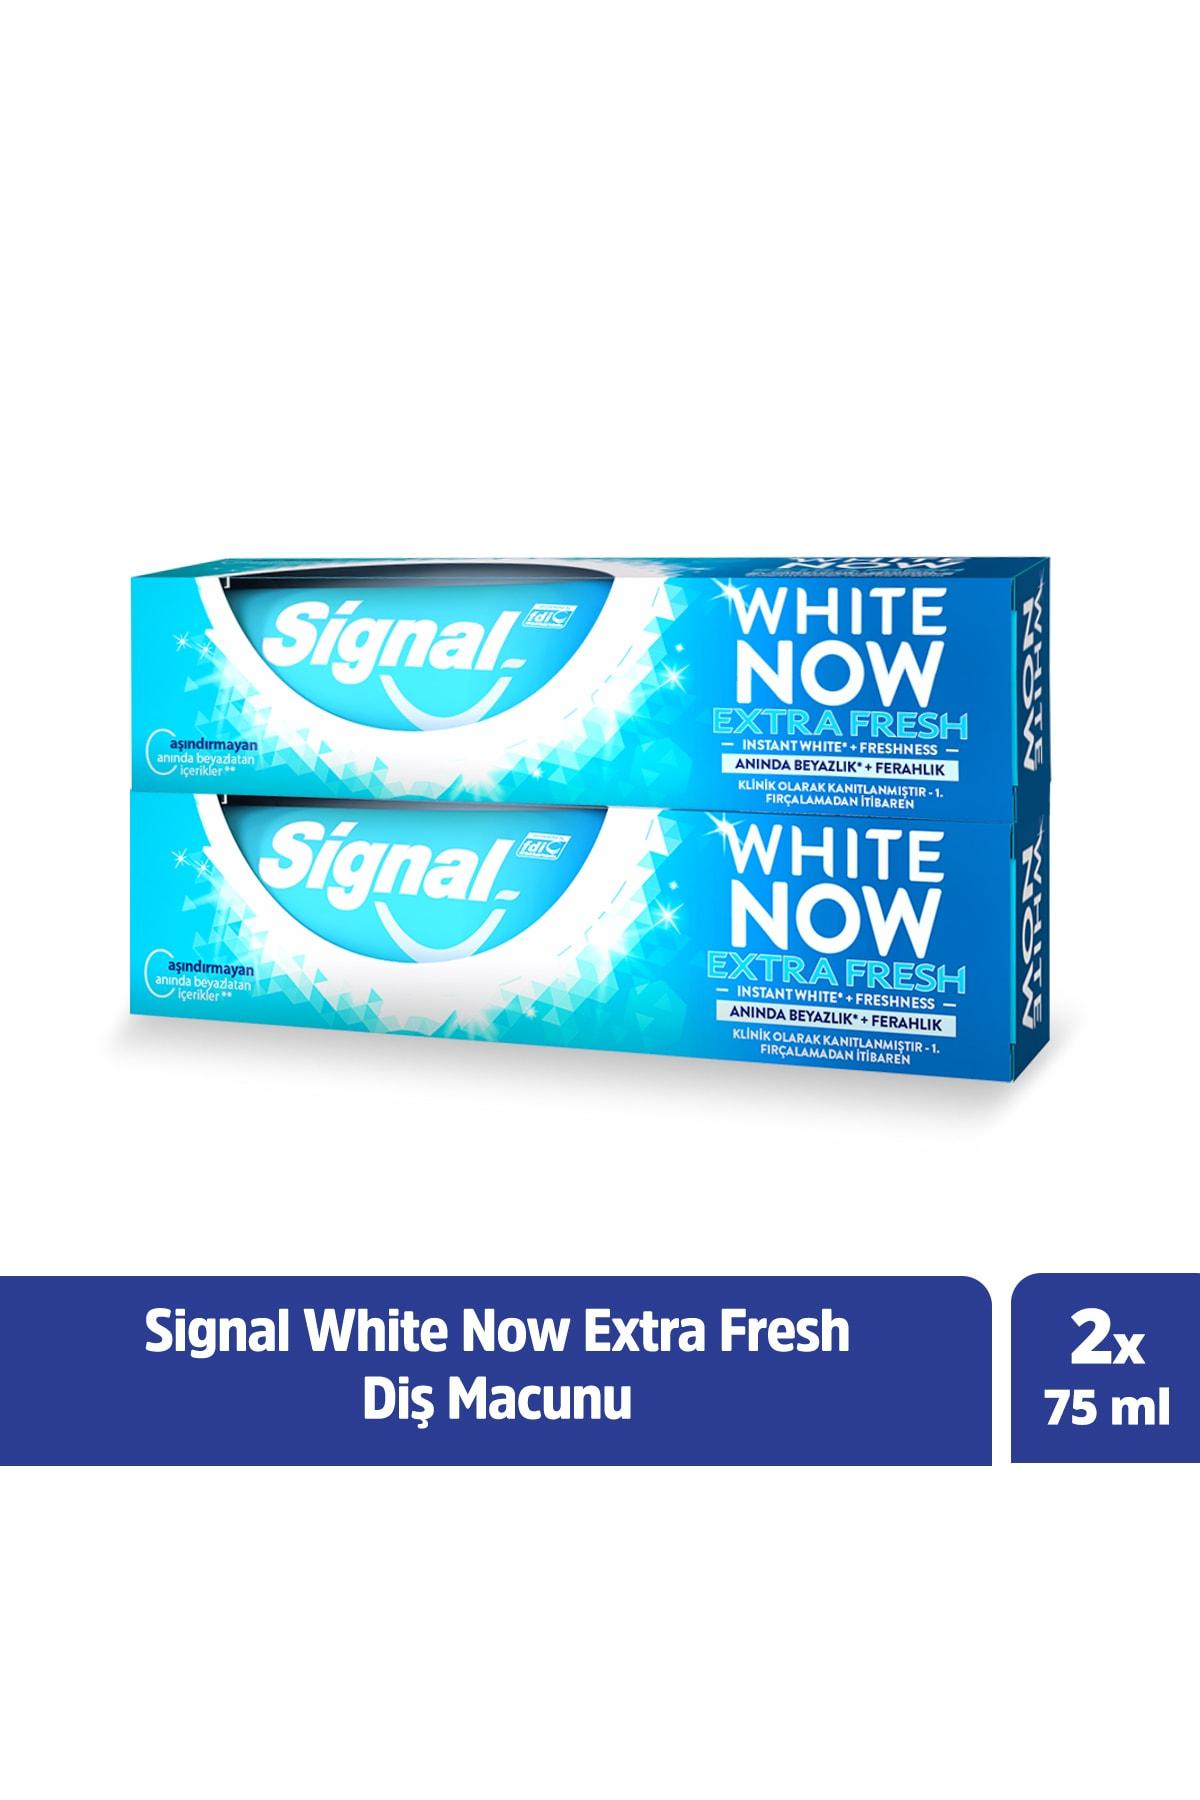 Signal White Now Extra Fresh Anında Beyazlık + Ferahlık Diş Macunu 75 ml X2 1